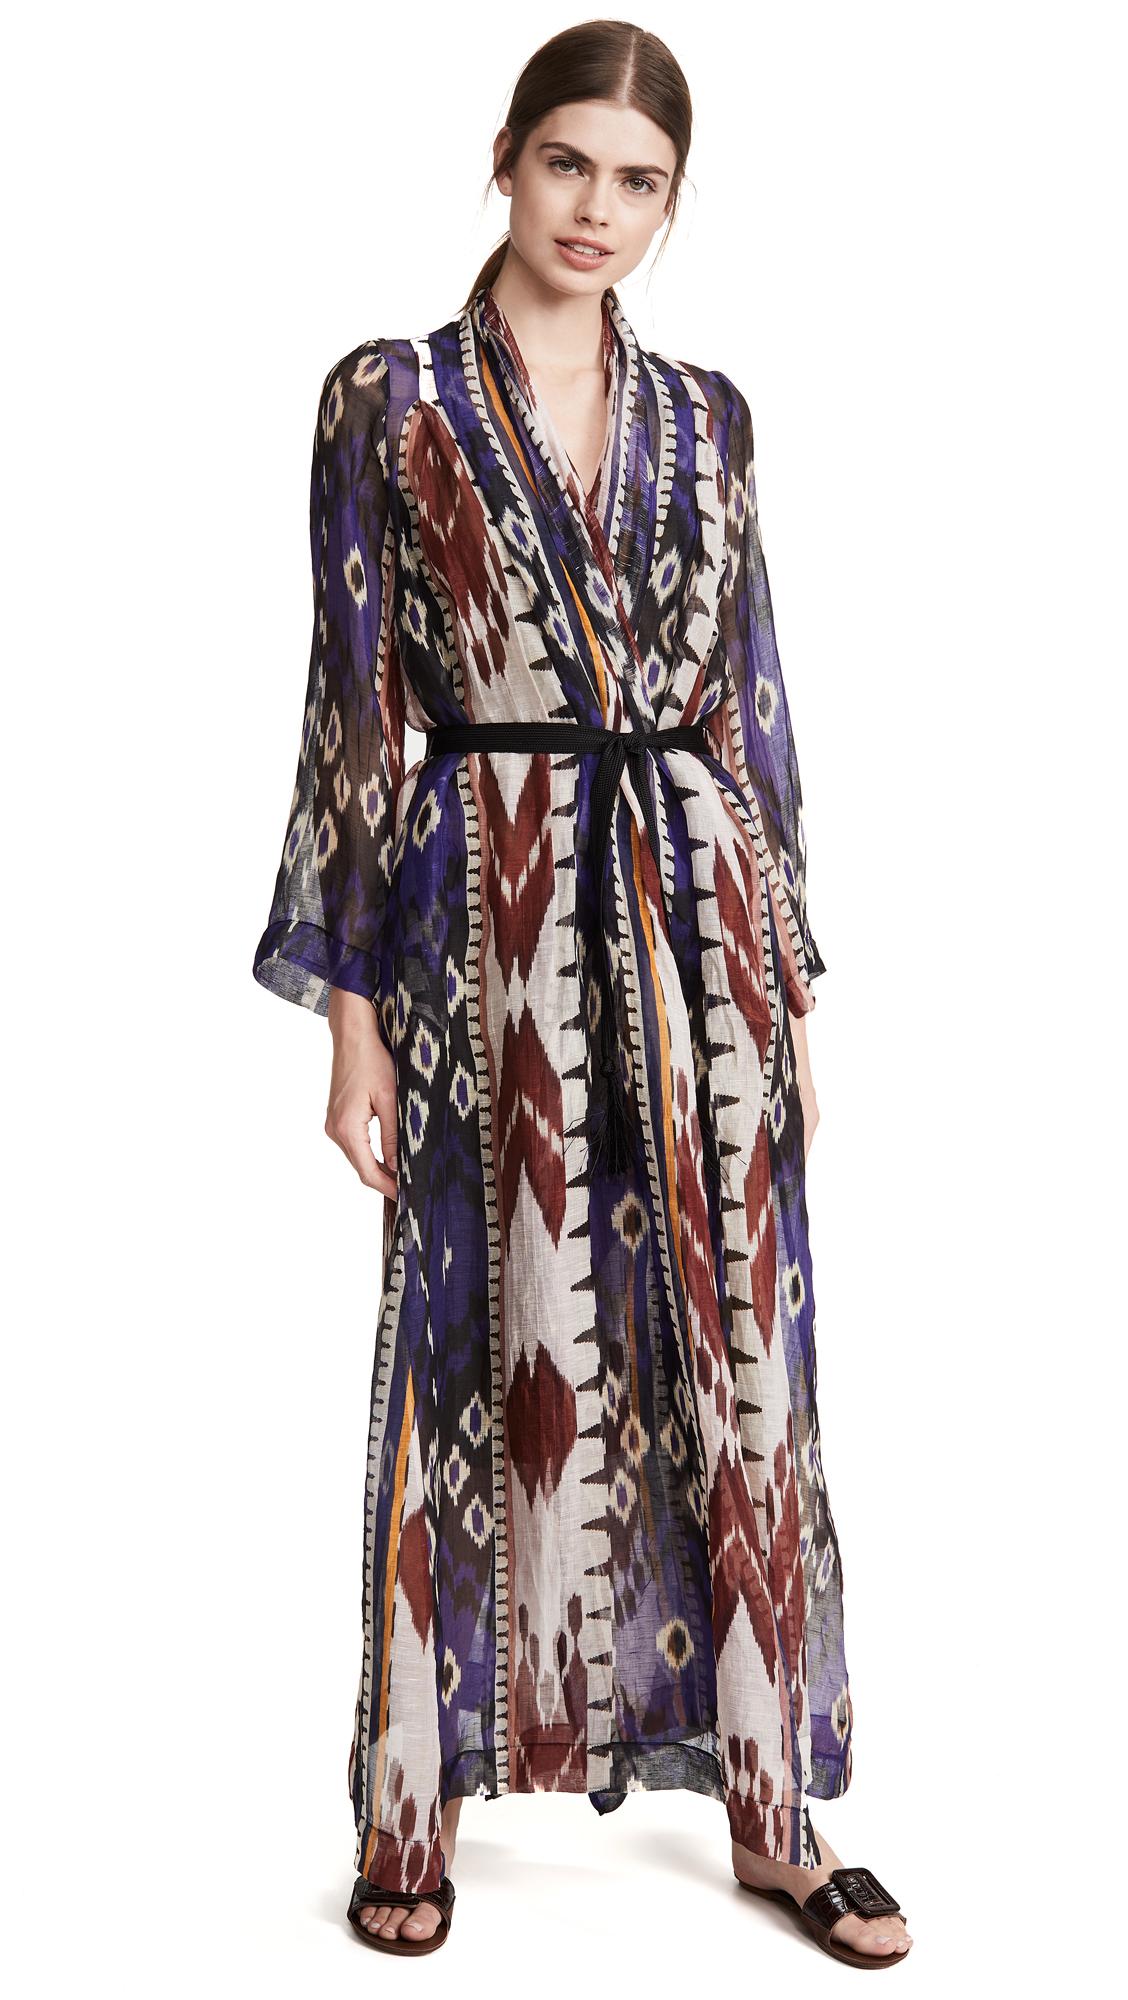 Forte Forte Encens Slubbed Voile Dress - 30% Off Sale